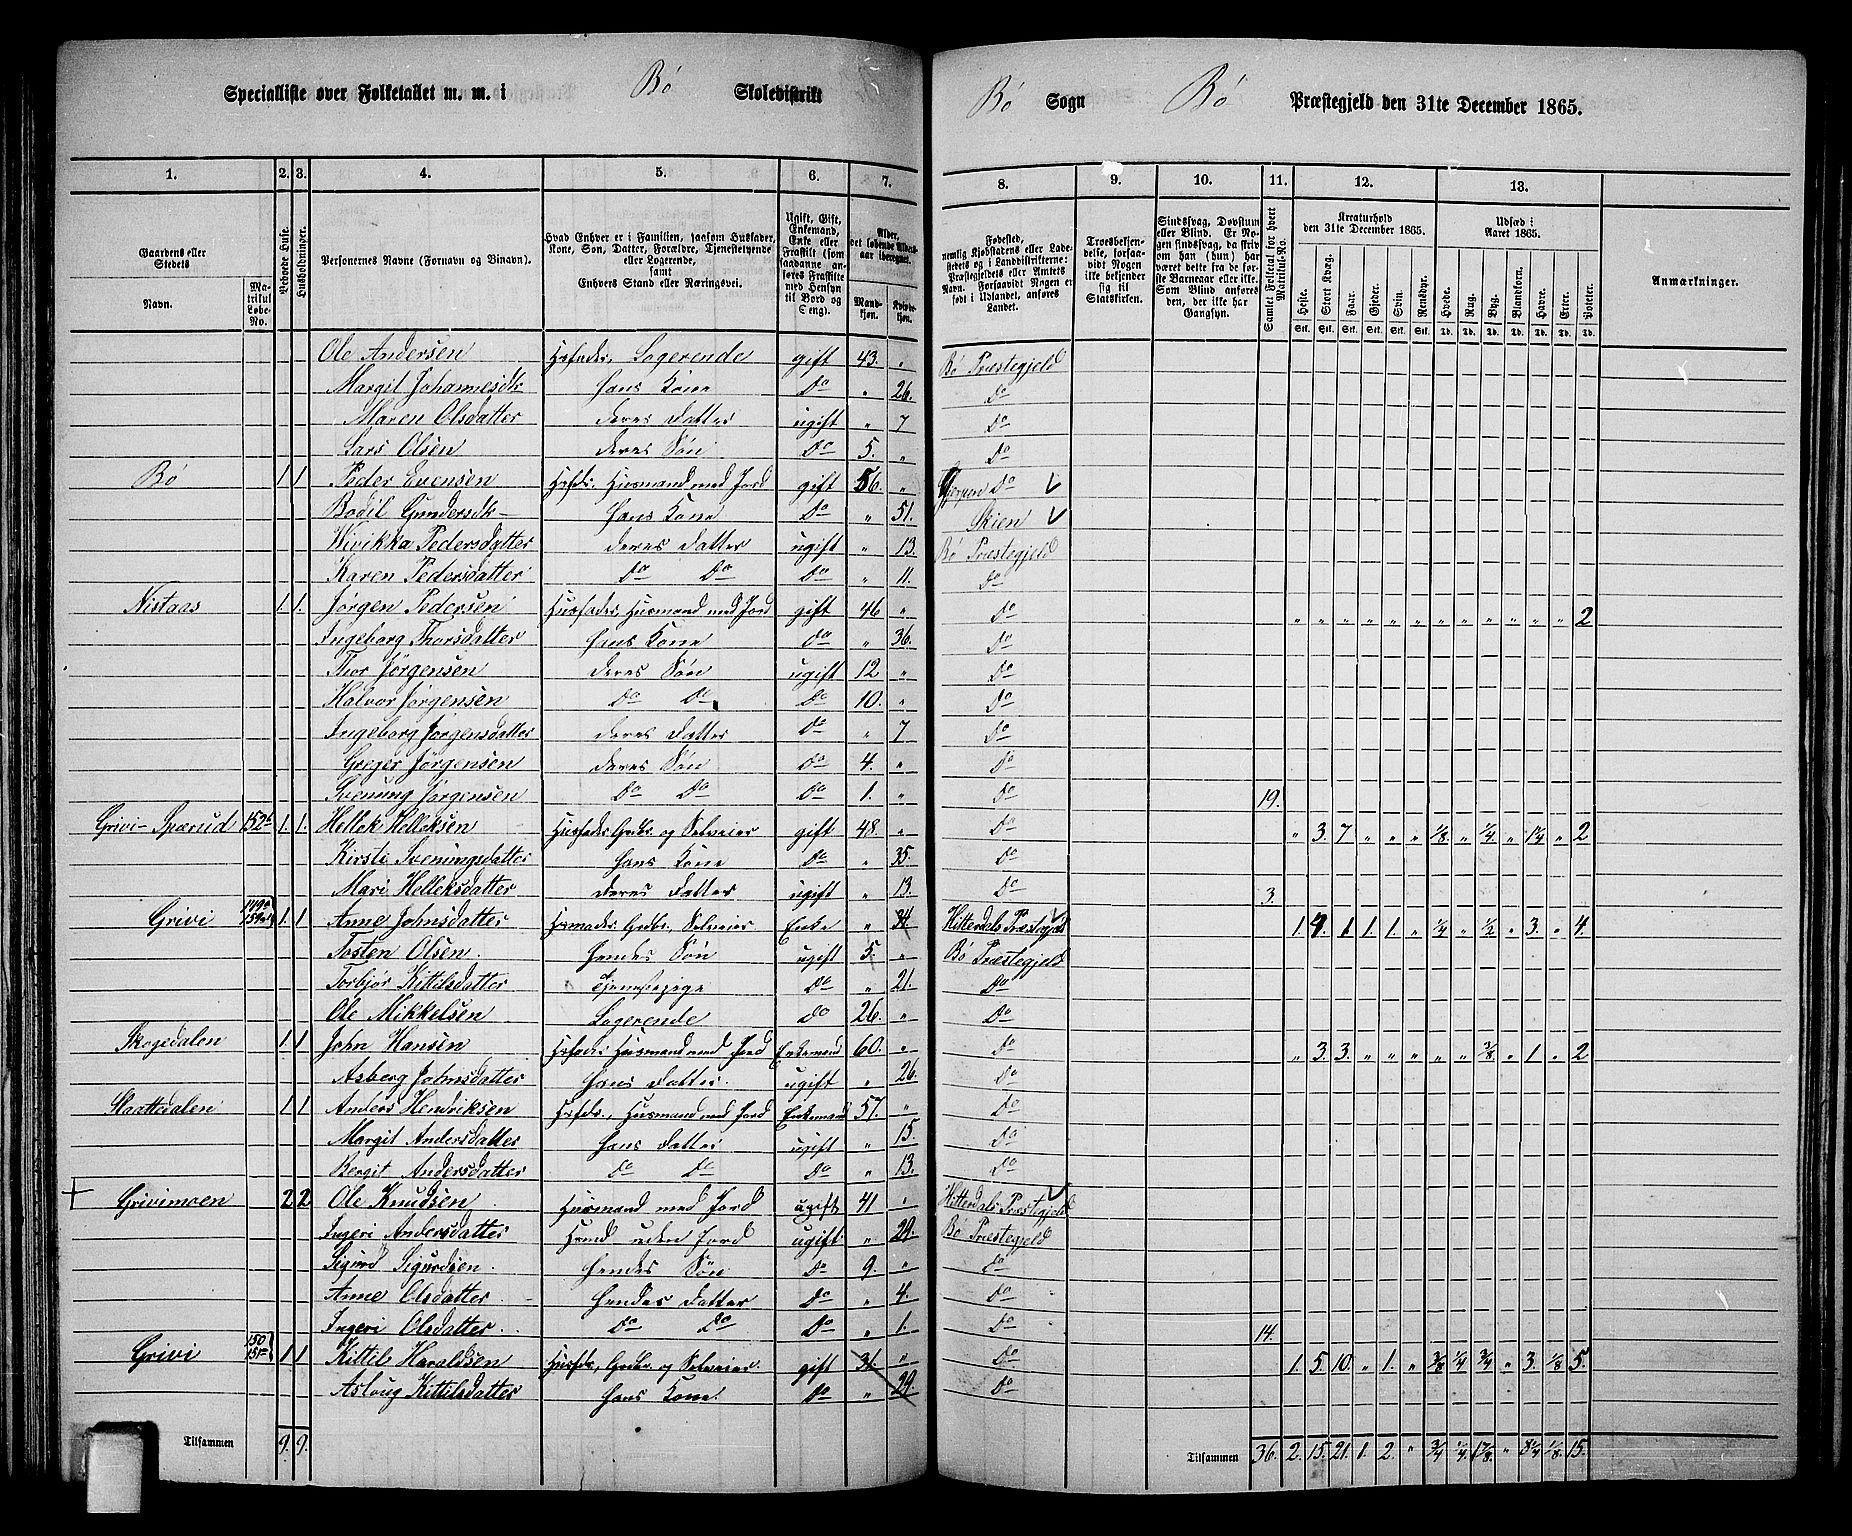 RA, Folketelling 1865 for 0821P Bø prestegjeld, 1865, s. 99